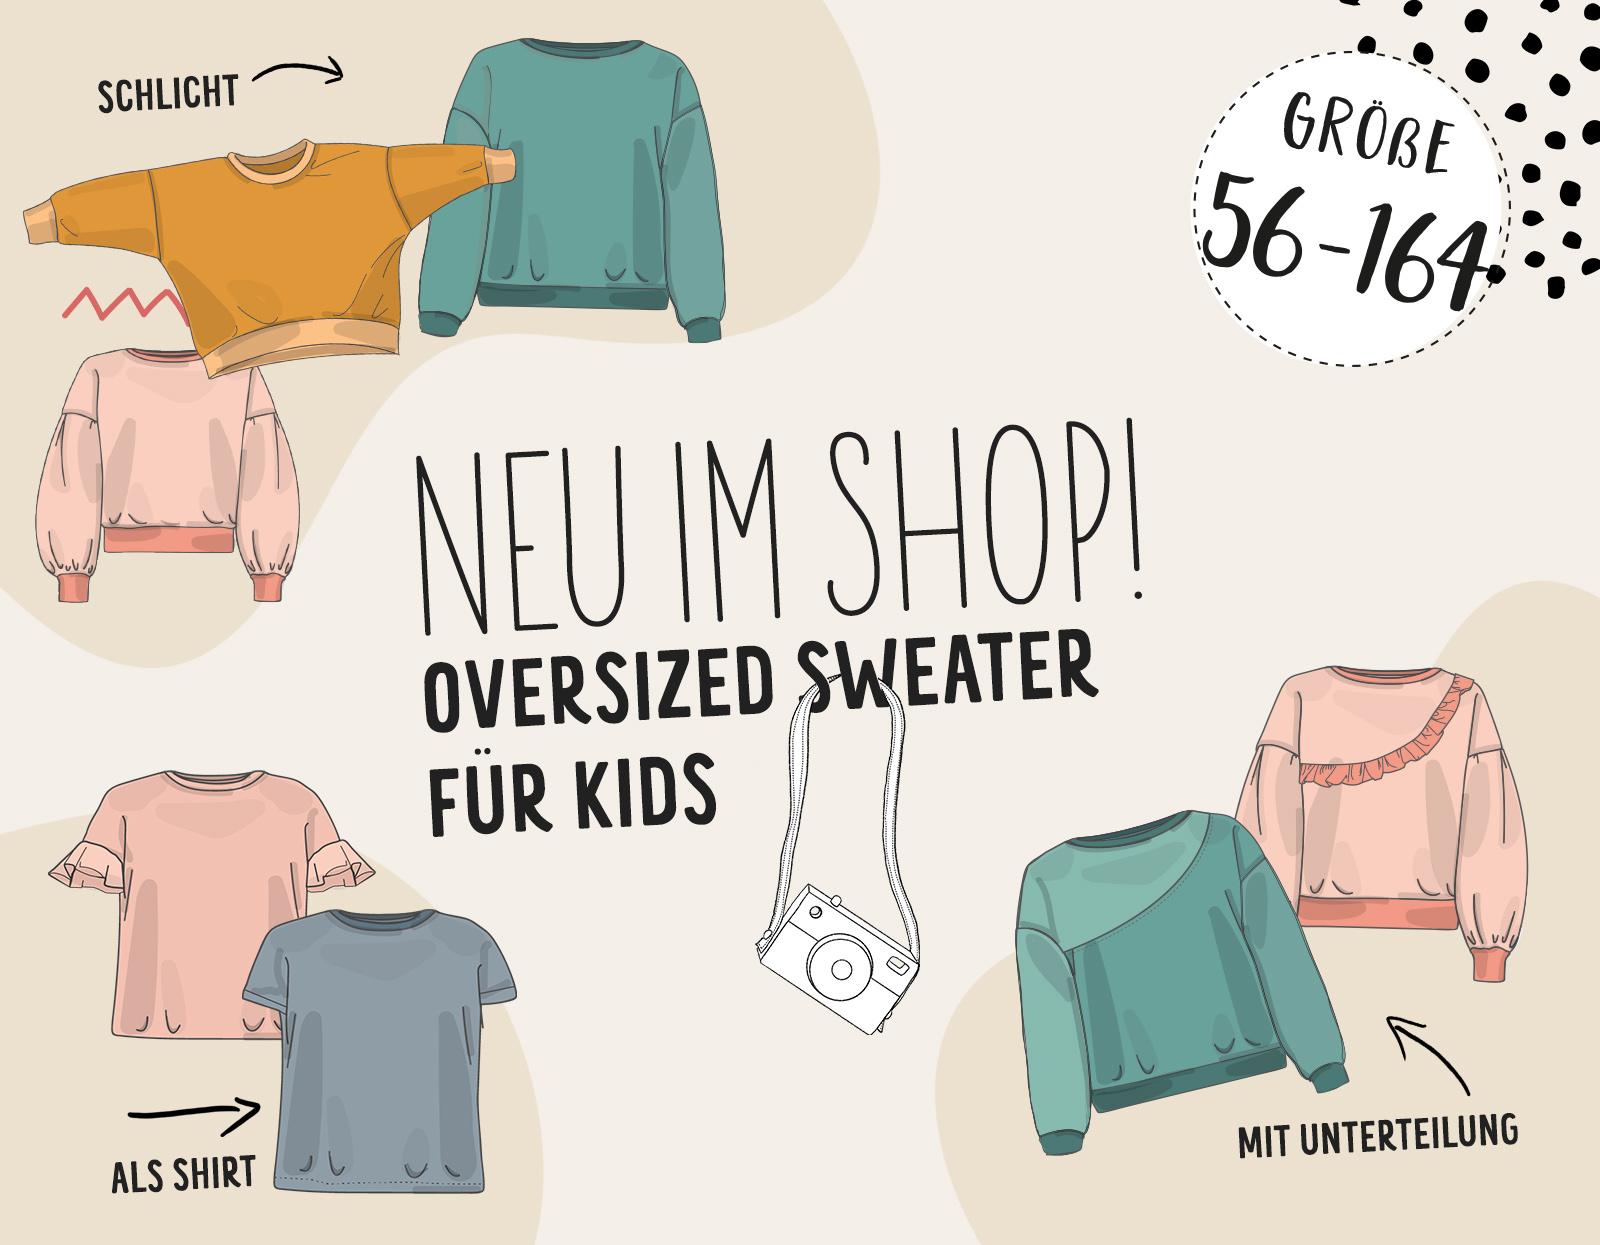 NEU: Der Oversized Sweater für Kids!